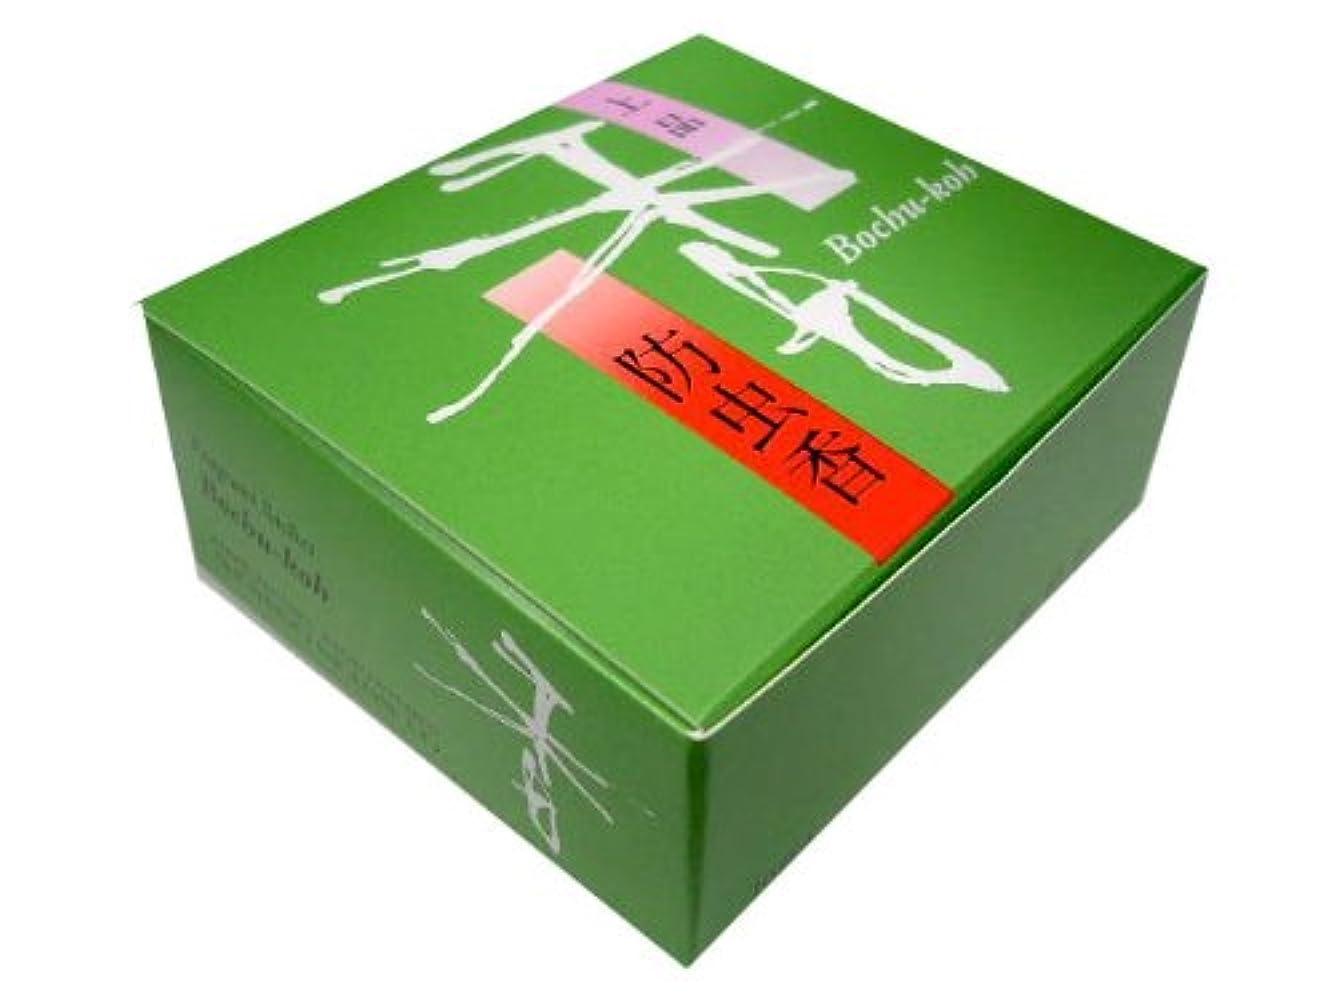 トラック朝大工松栄堂の防虫香 上品 防虫香 10袋入 #520138